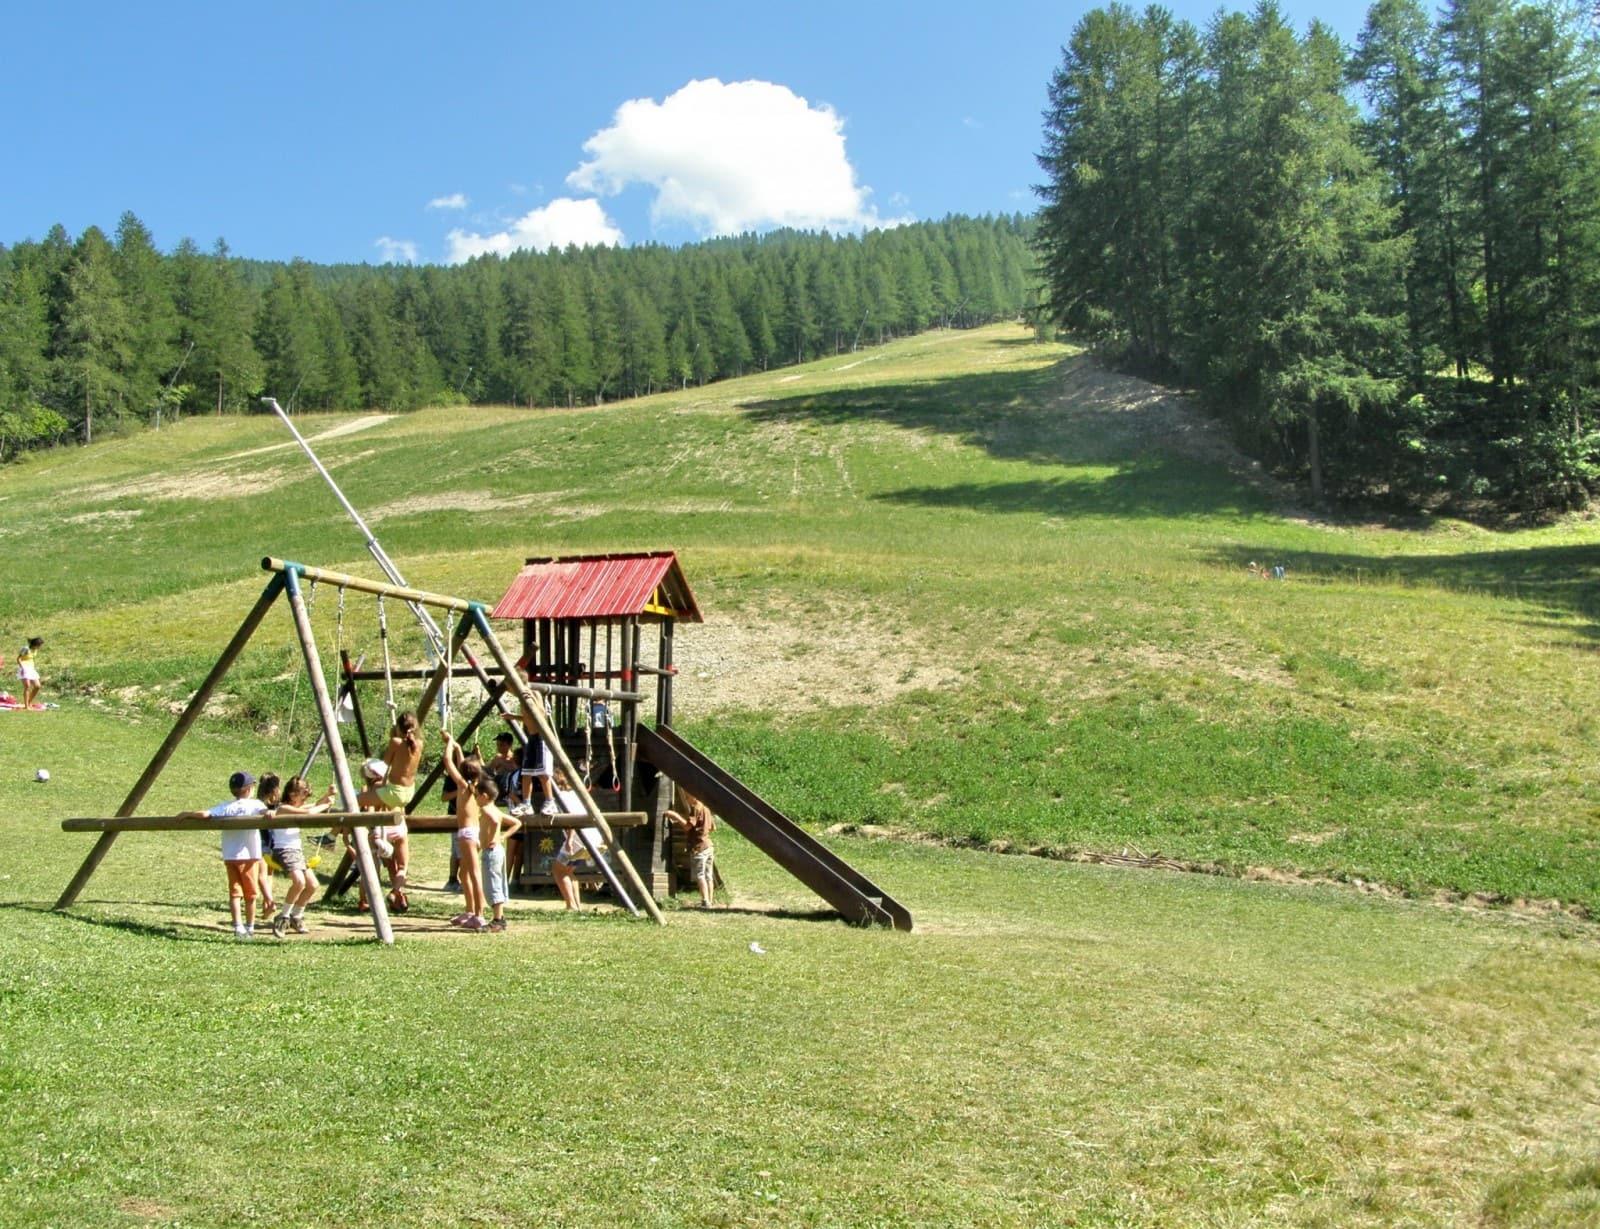 מתקן משחקים כפרי. אטרקציה לילדים